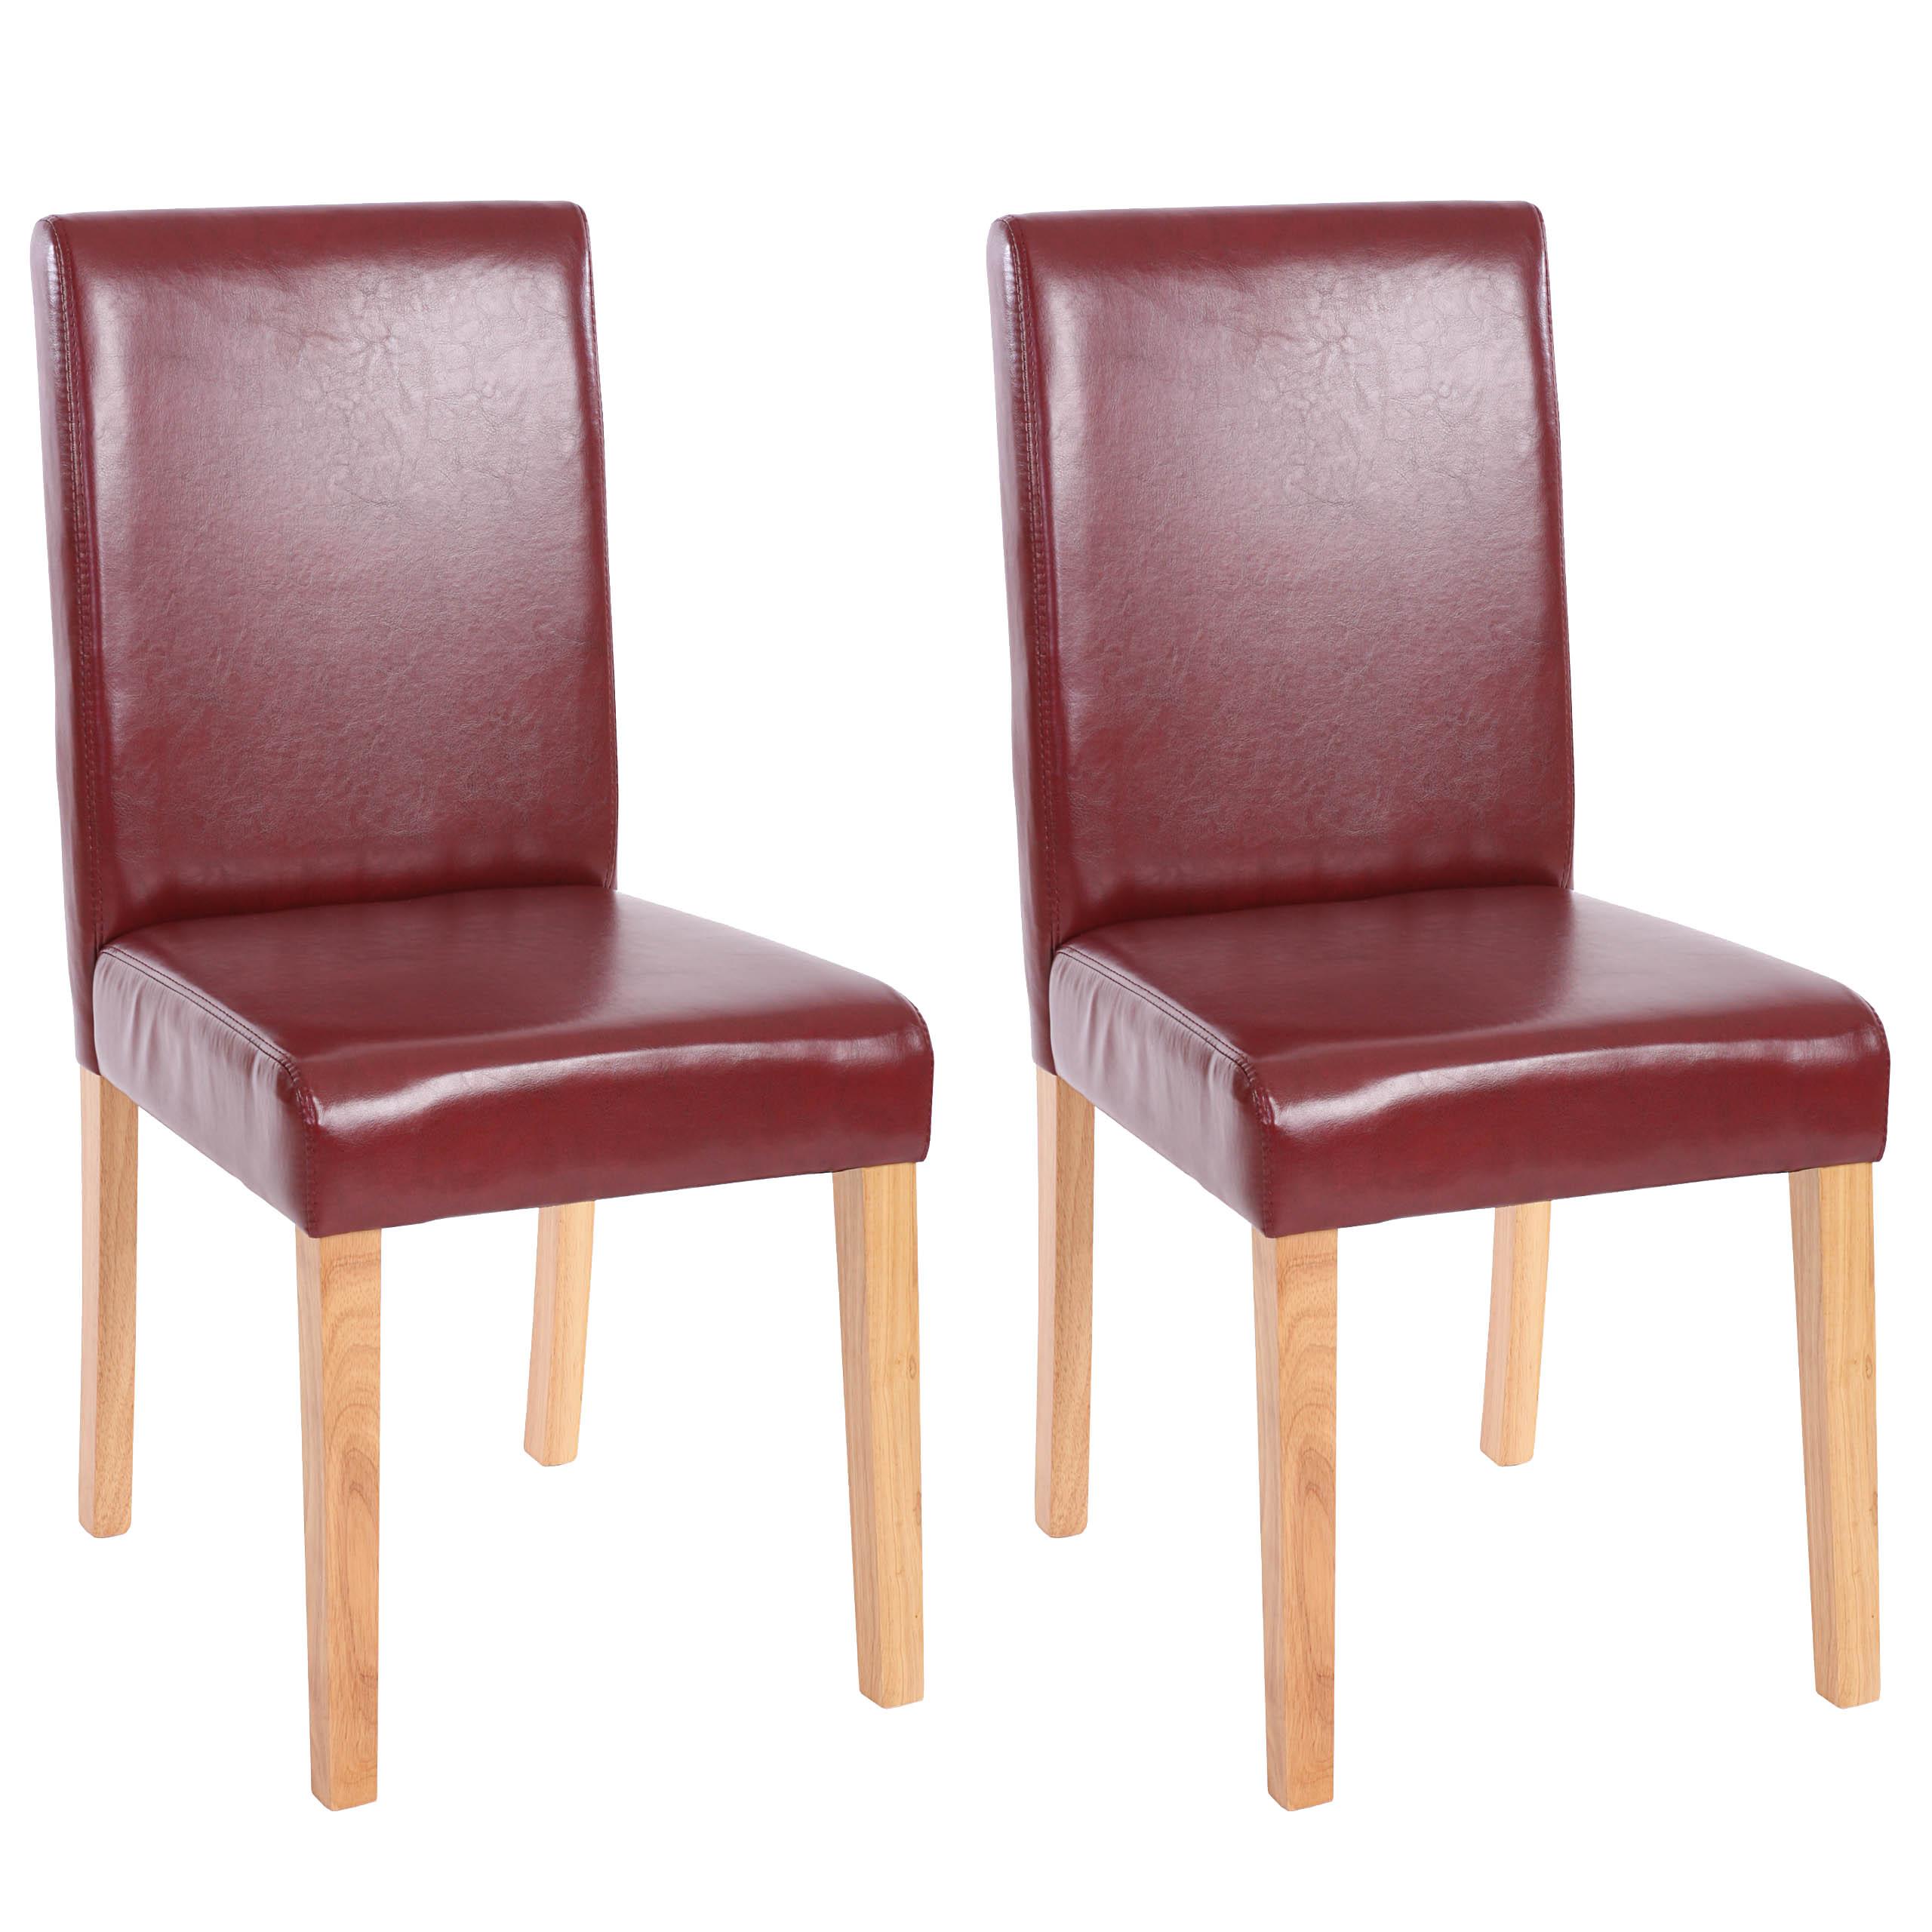 Besucherstuhl padua stuhl bugholz retro design polster for Stuhl polster design